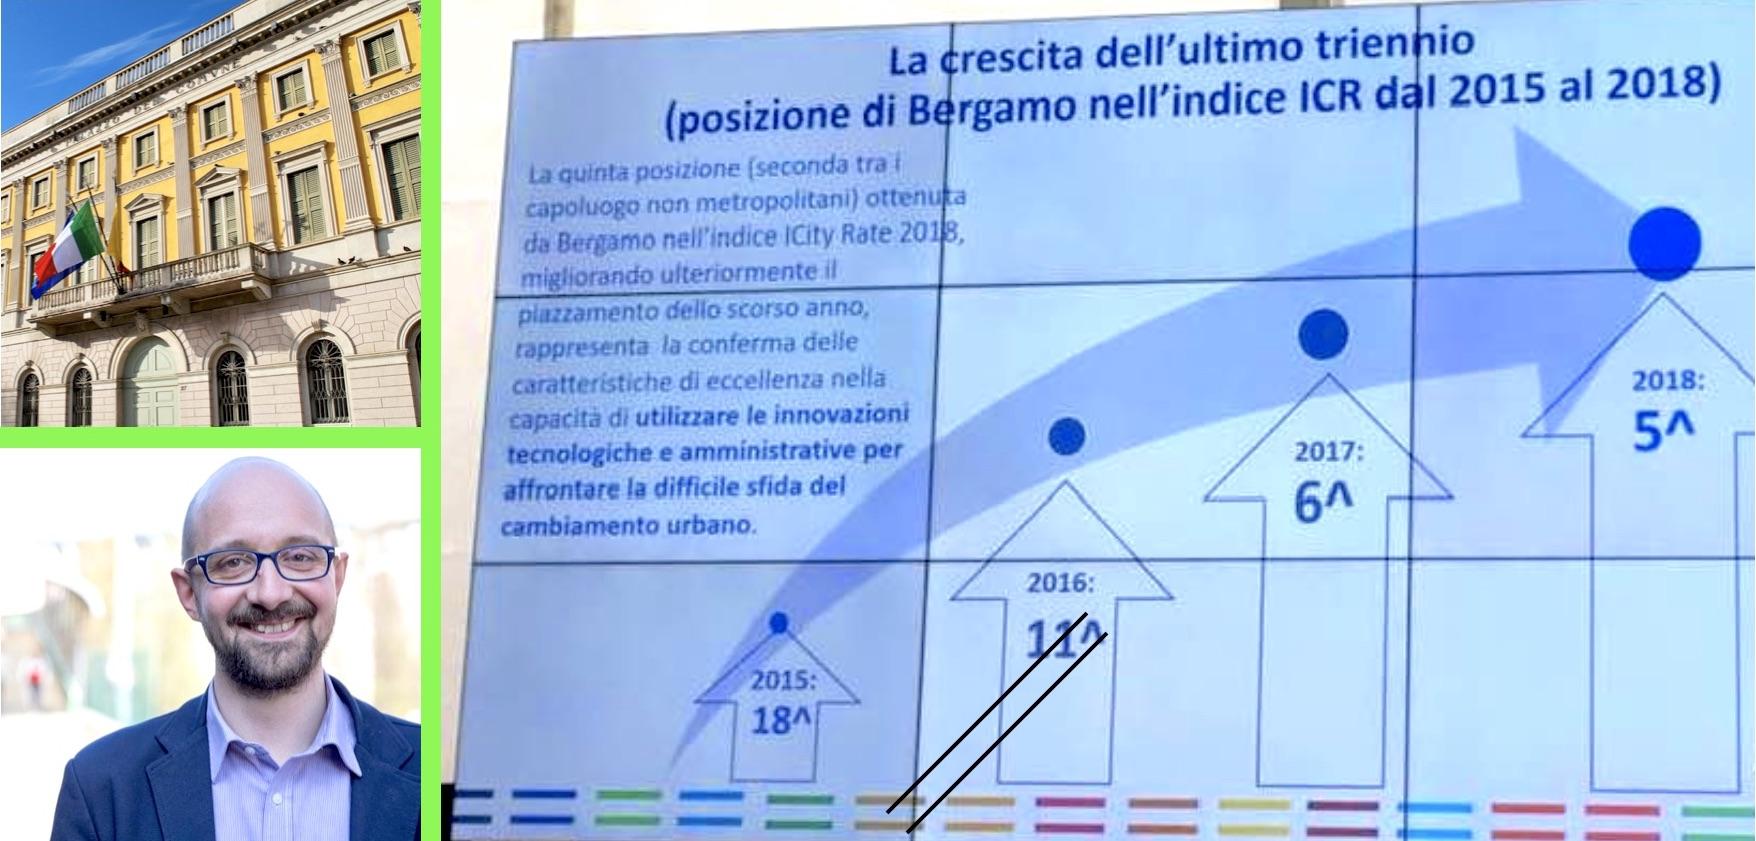 Trasformazione digitale e mobilità sostenibile trascinano Bergamo tra le città più smart